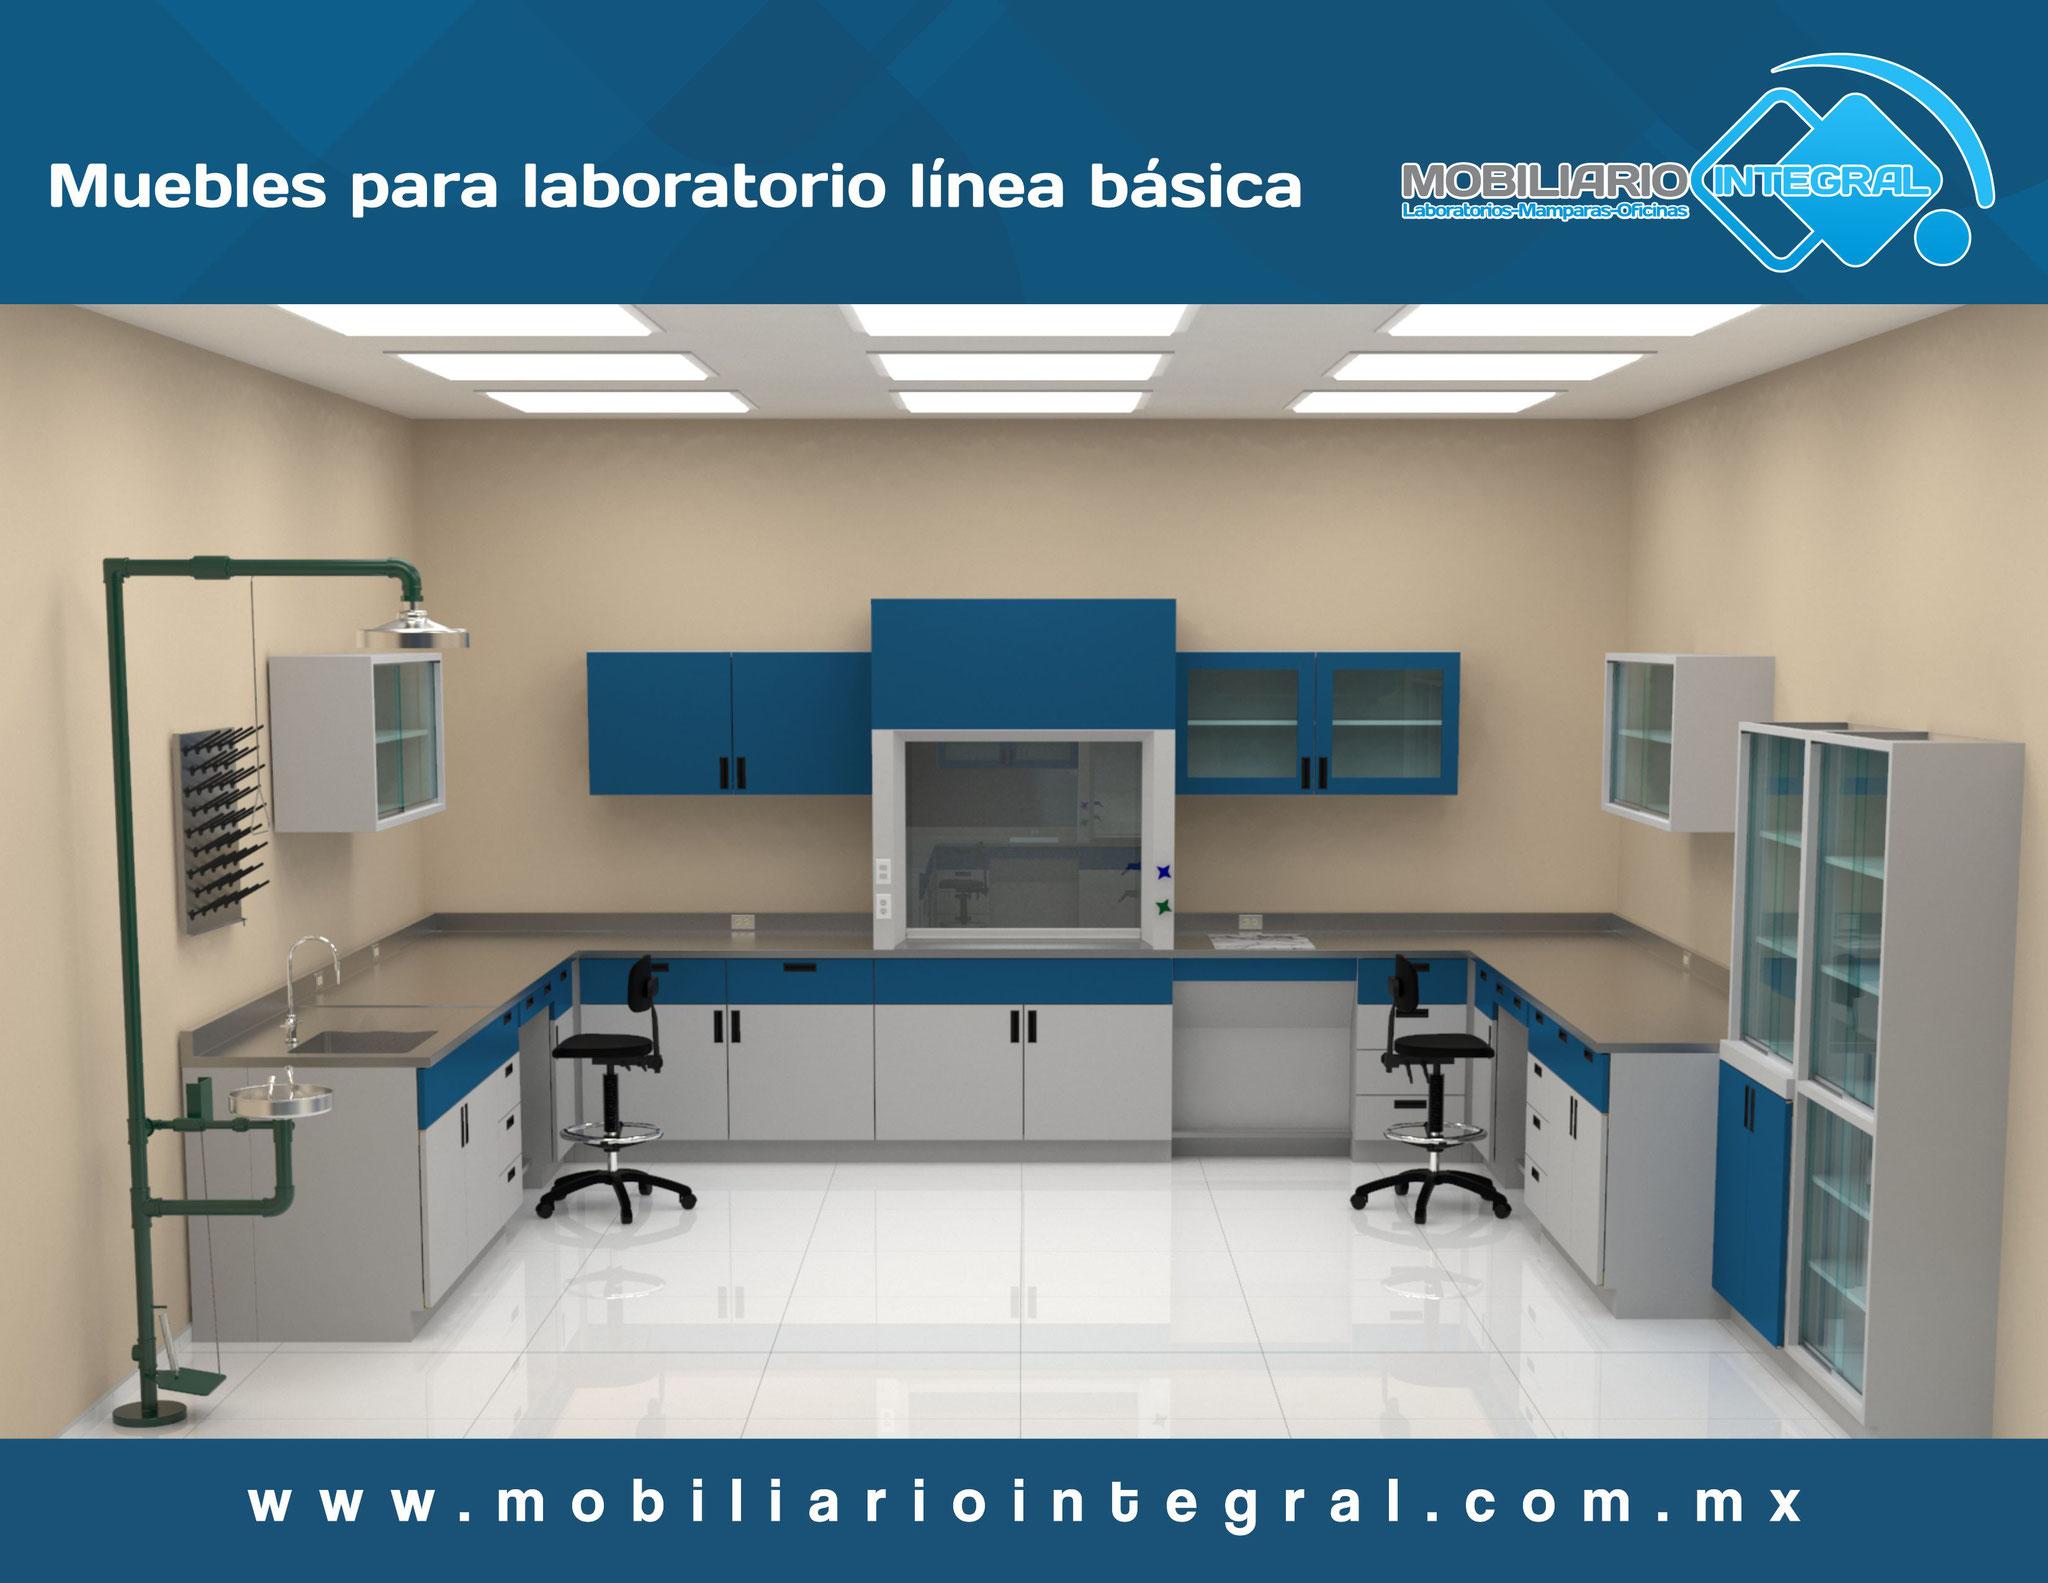 Muebles para laboratorio en Veracruz